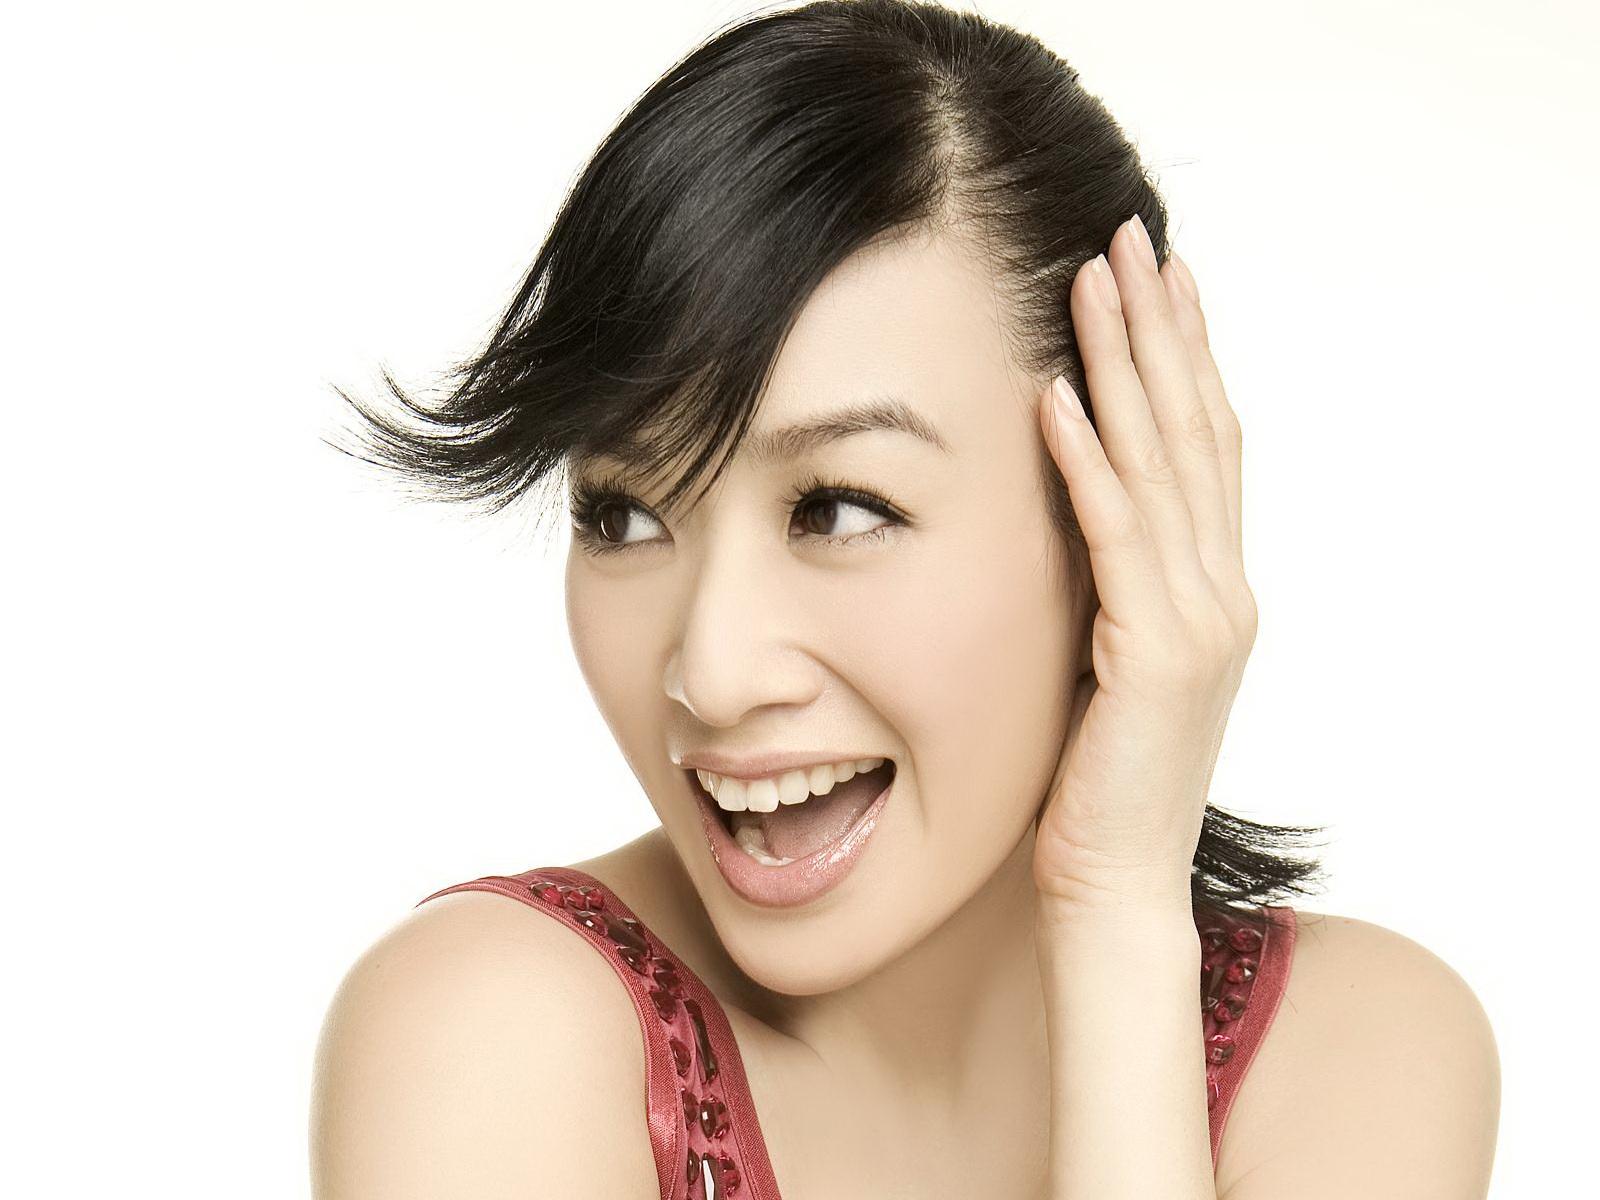 香港明星钟丽缇高清广告照片素材 20P 中国P图片